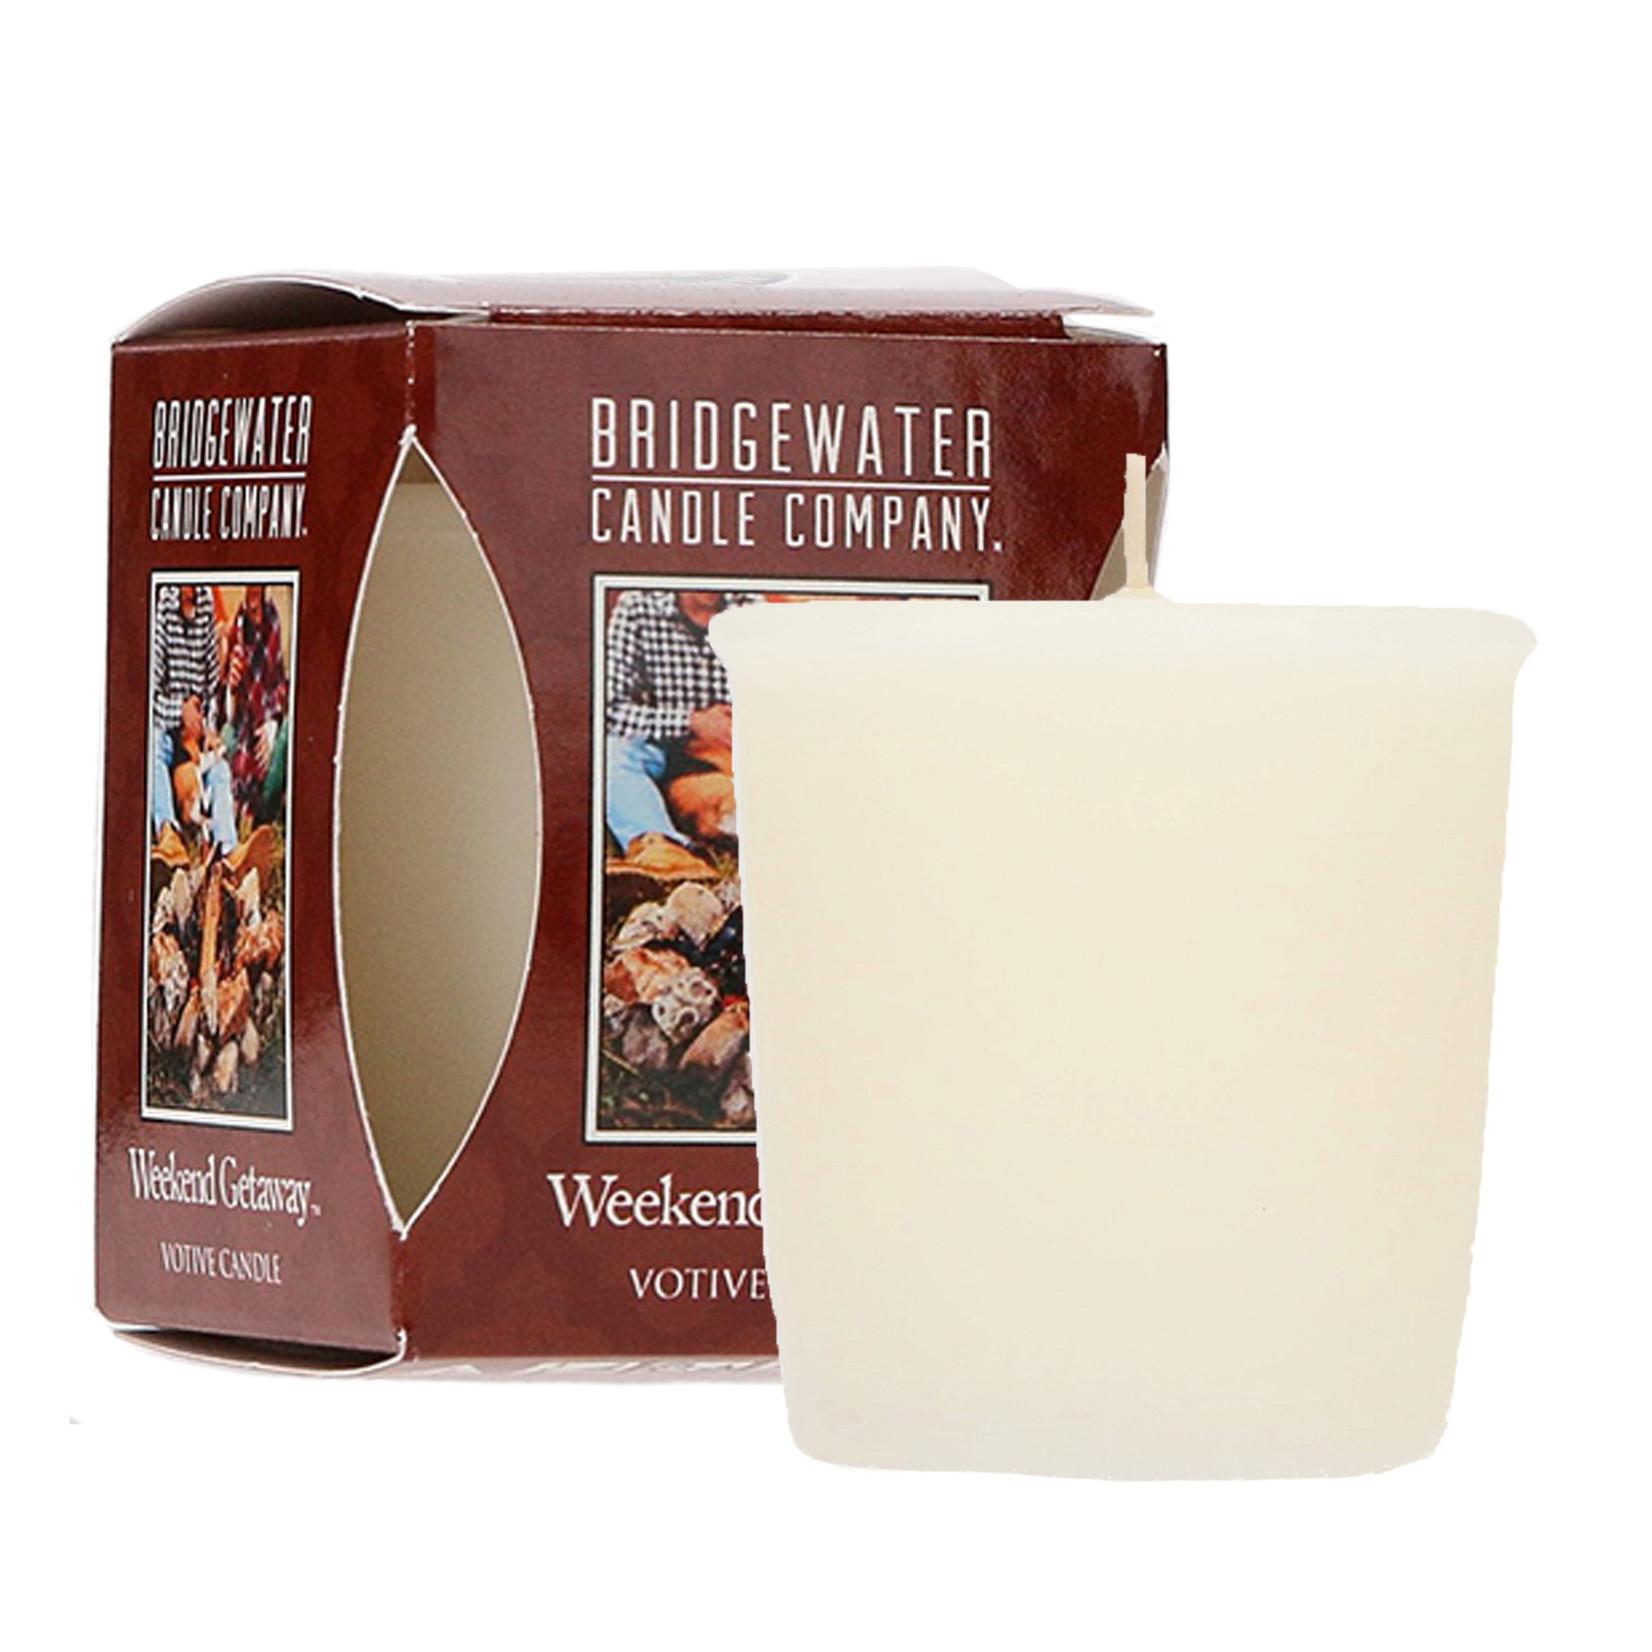 Bridgewater Votive Candle / Geurkaarsje Weekend Getaway